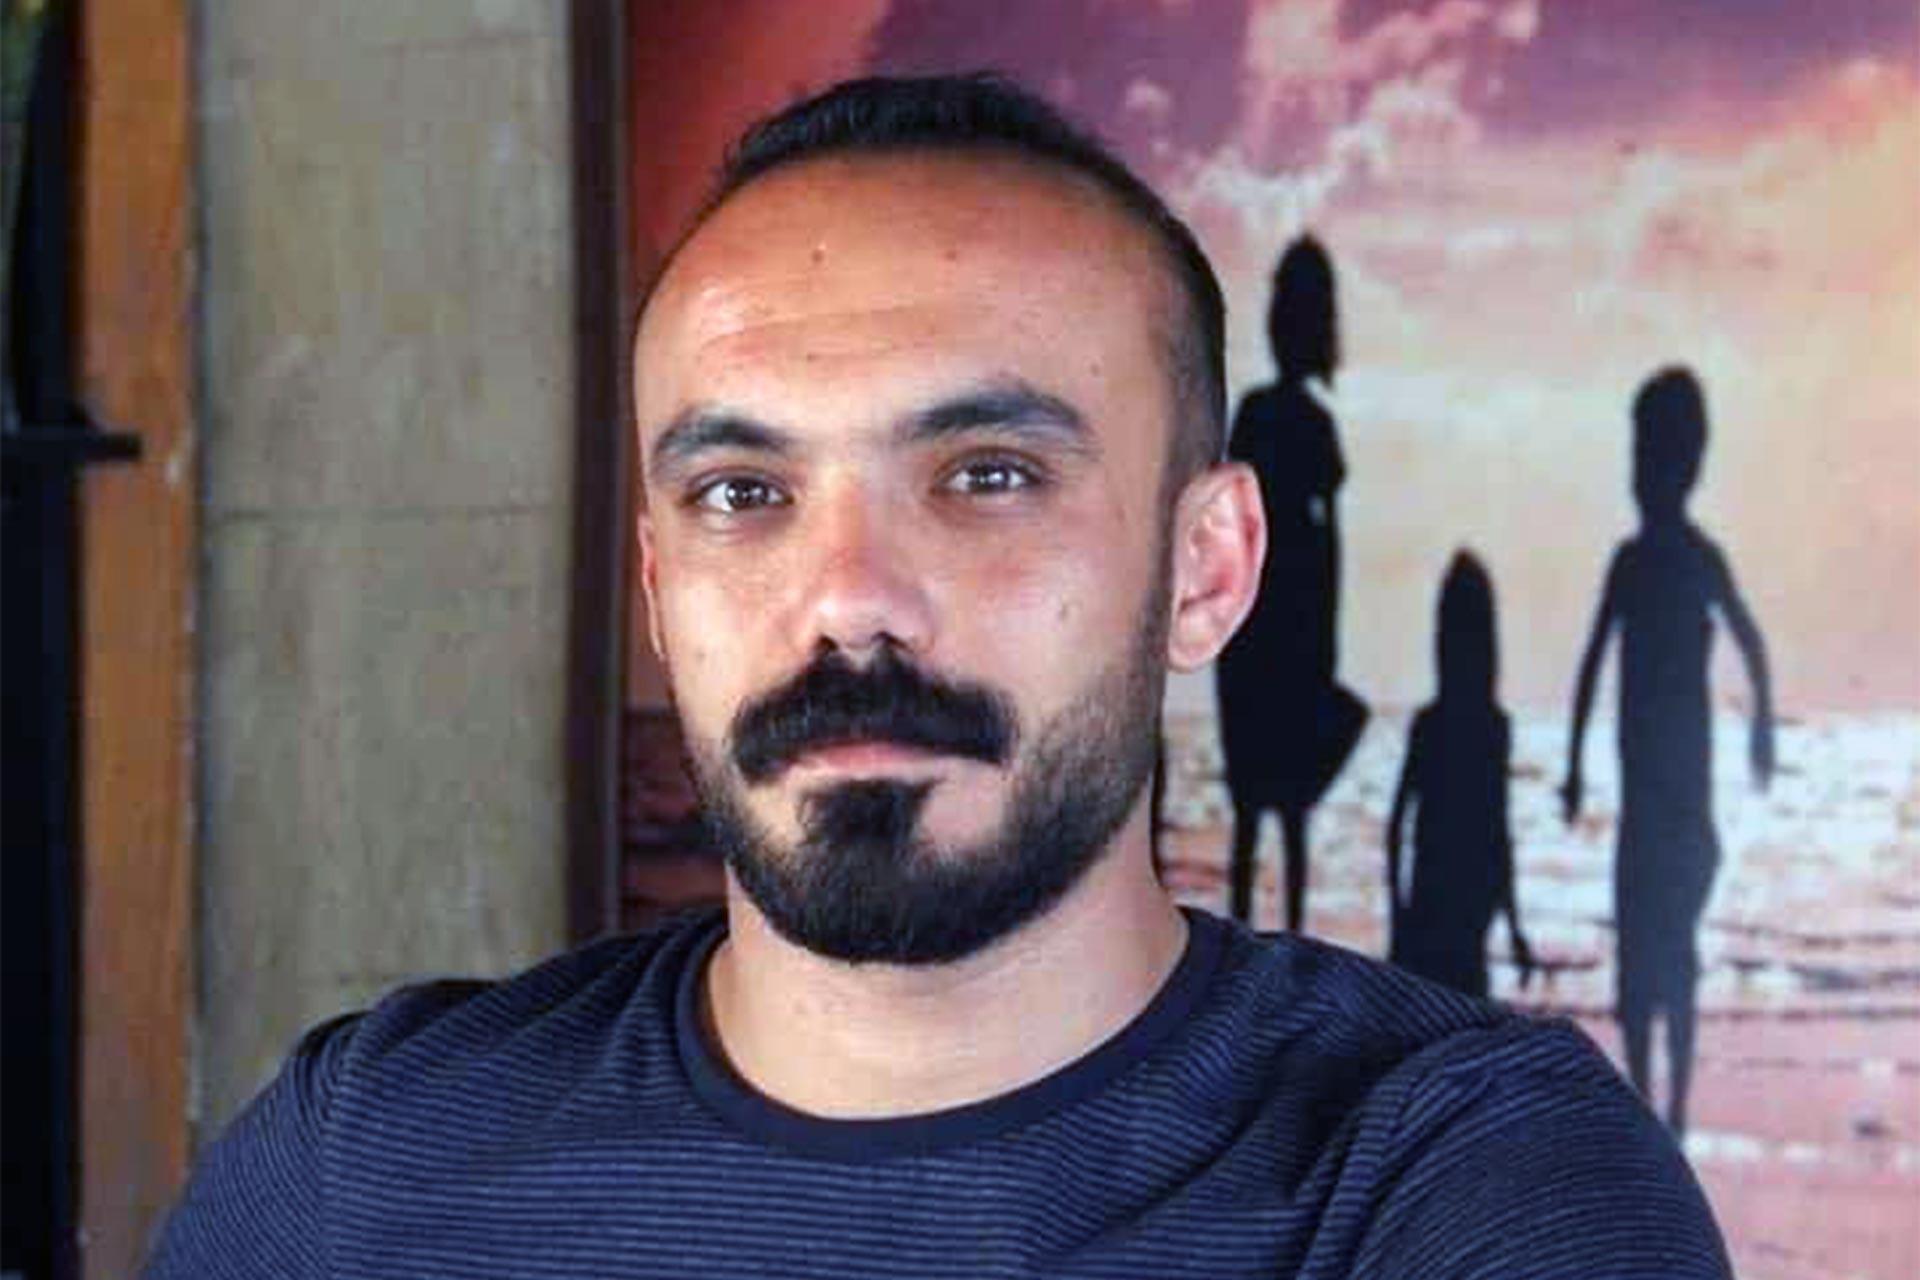 Gazeteci Ergin Çağlar serbest bırakıldı